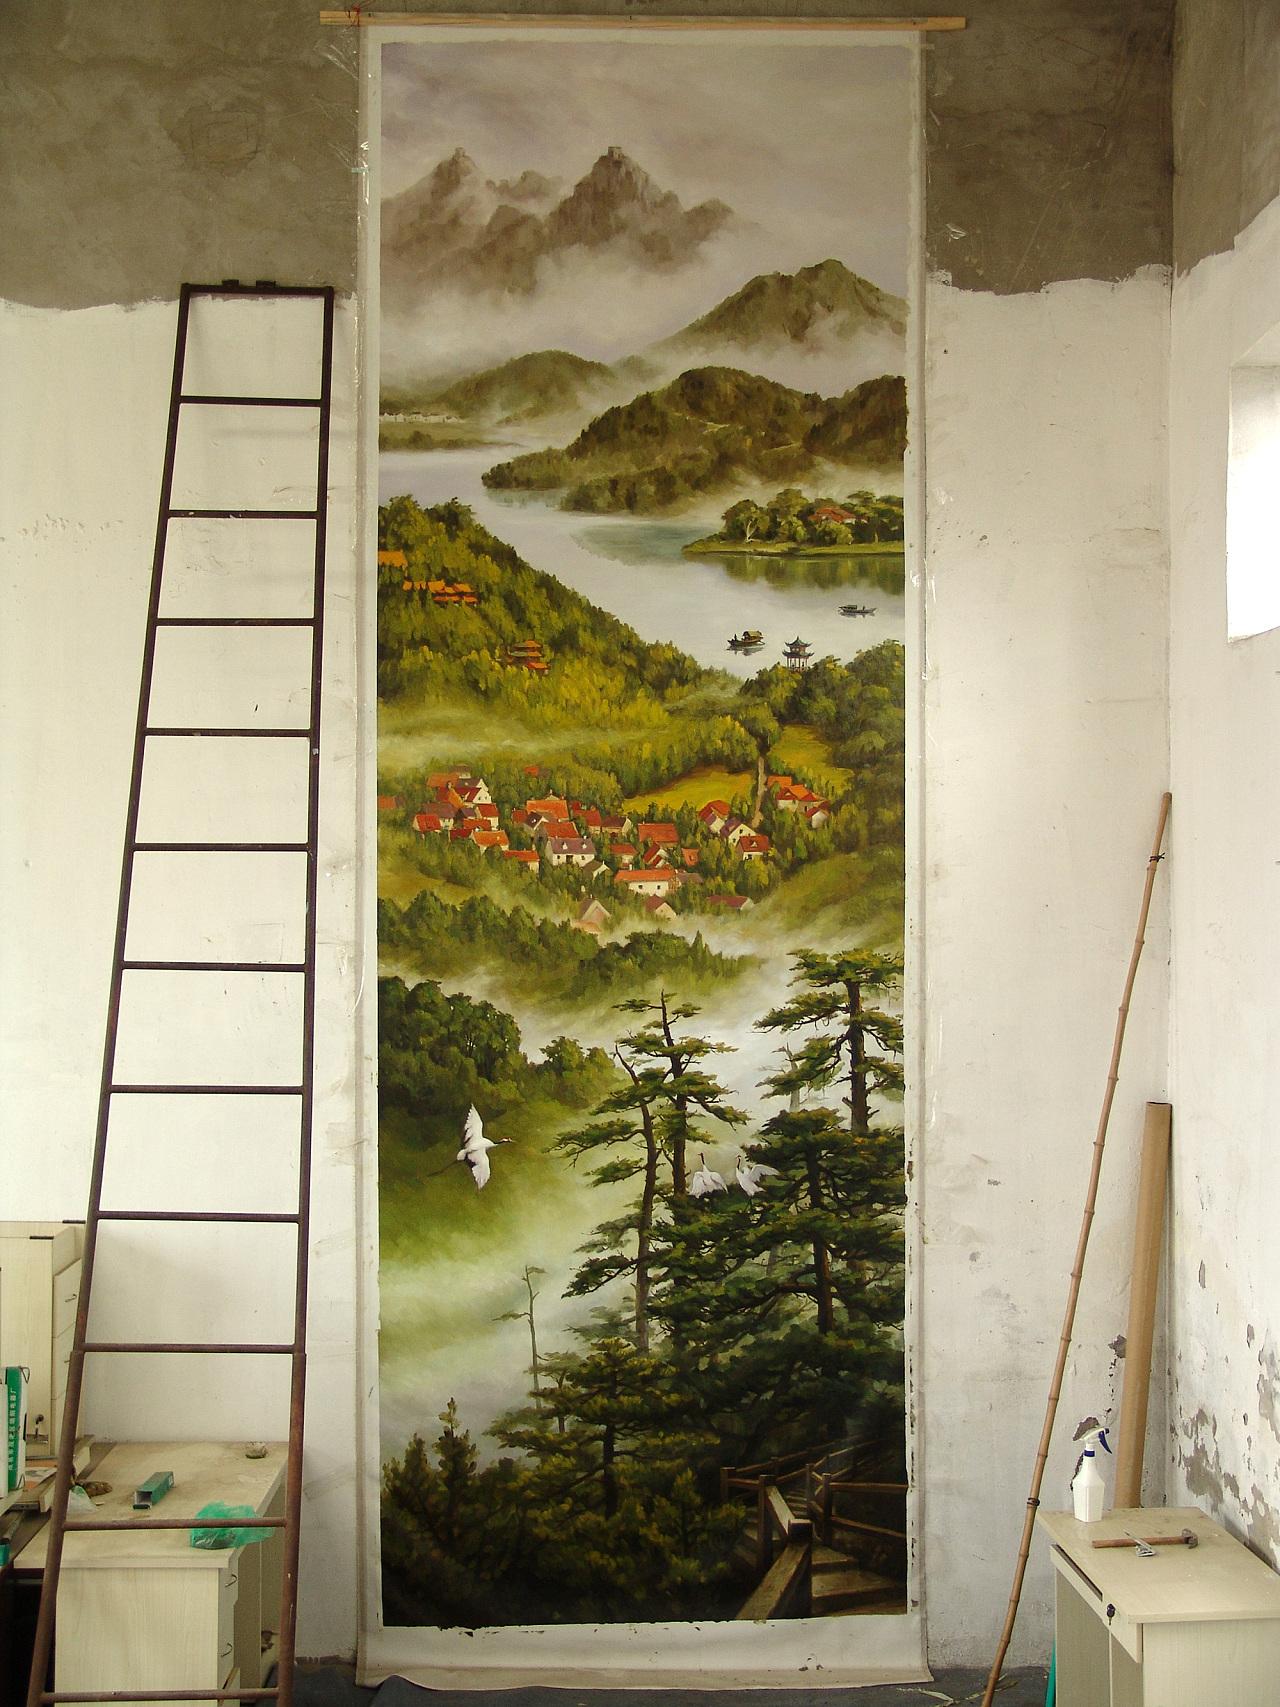 壁画怎么挂?